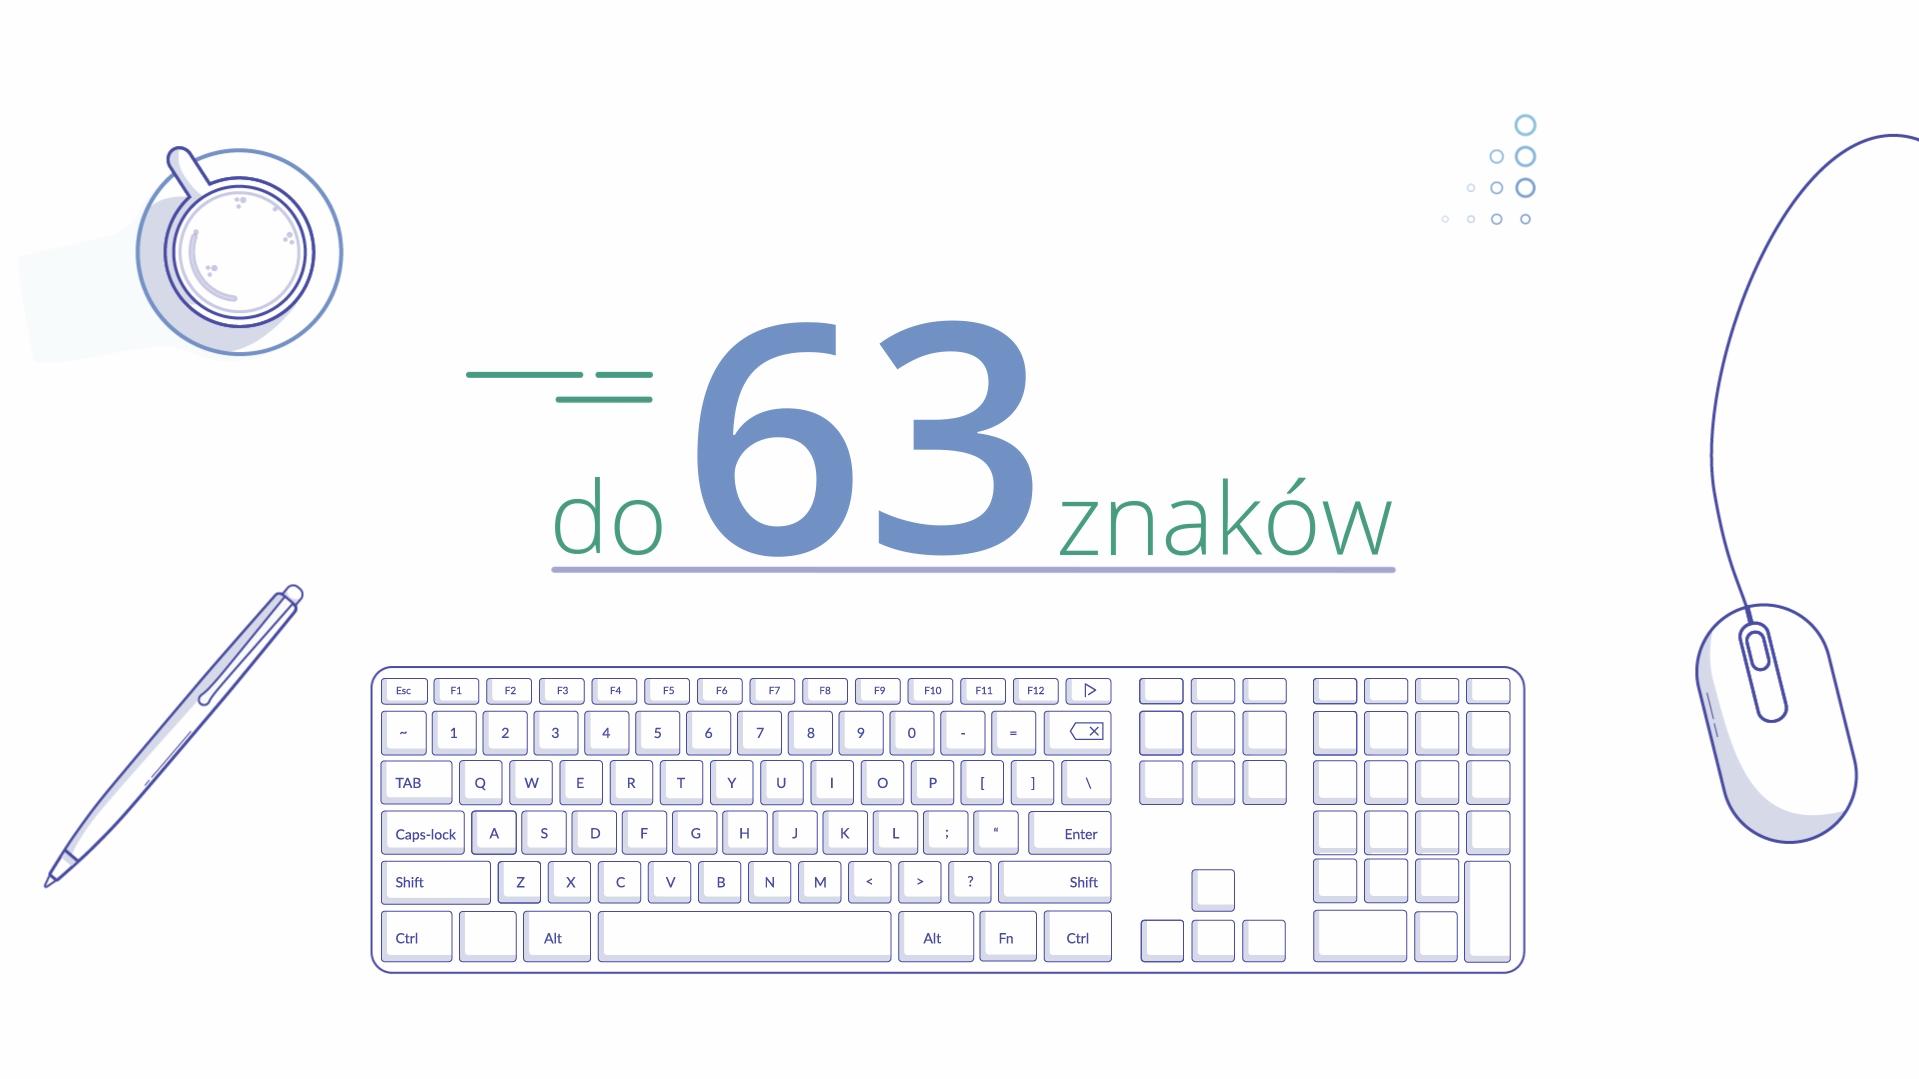 NASK Rejestr PL Explainer Video - Ilustracja klawiatury